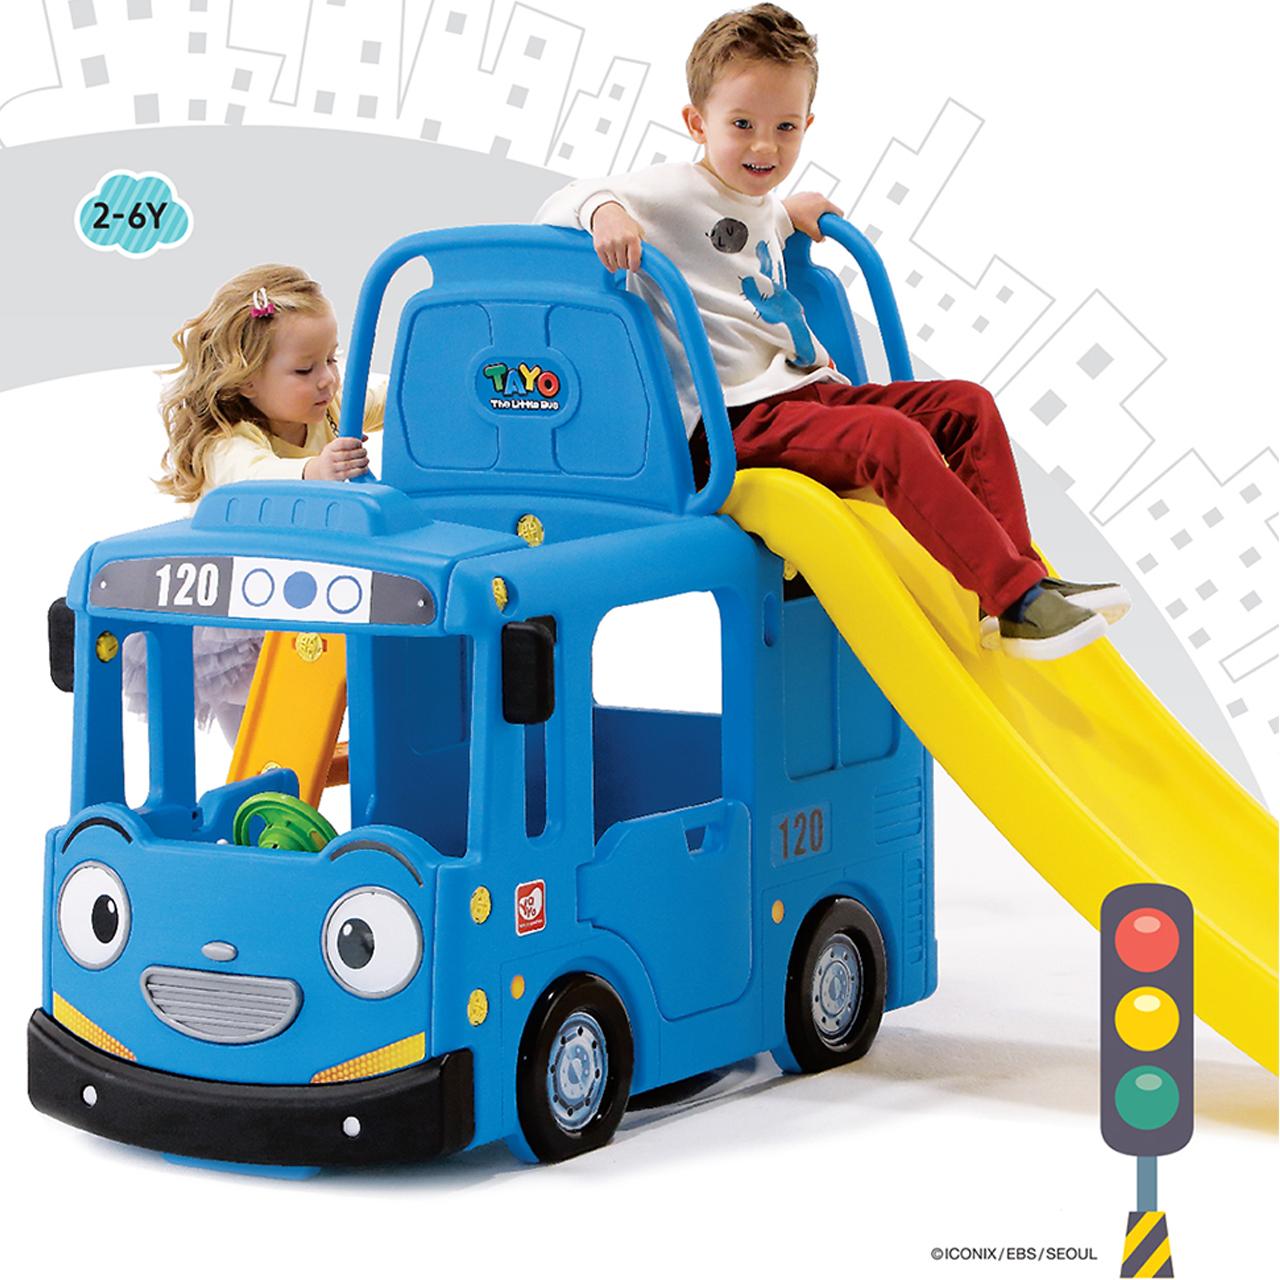 韩国YAYA儿童室内滑梯汽车游戏家用套装宝宝加长幼儿园玩具加厚